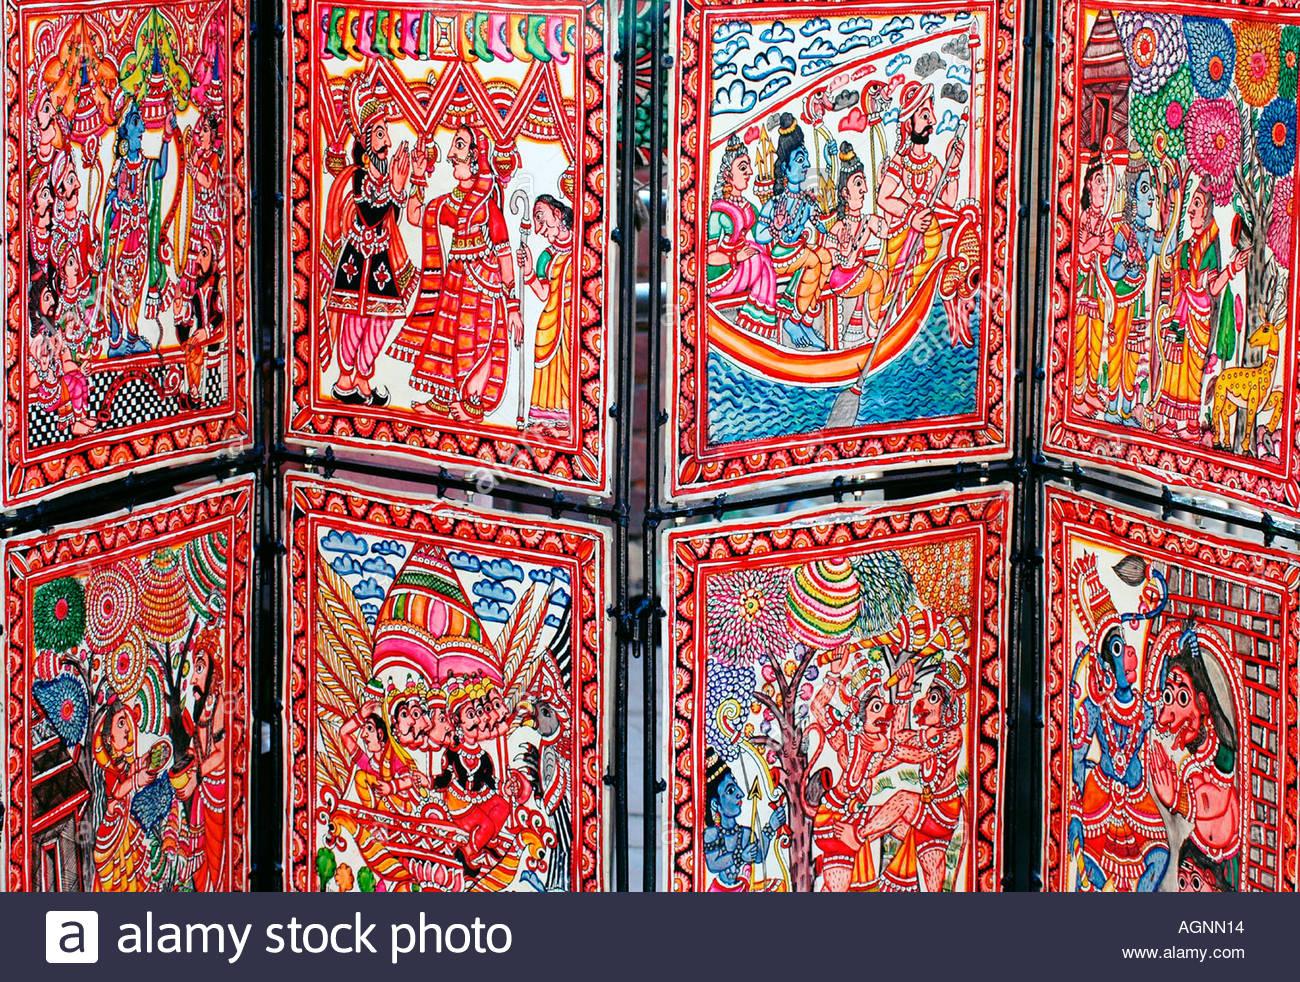 Les spécimens exquis de l'artisanat indien et de souvenirs en vente ...